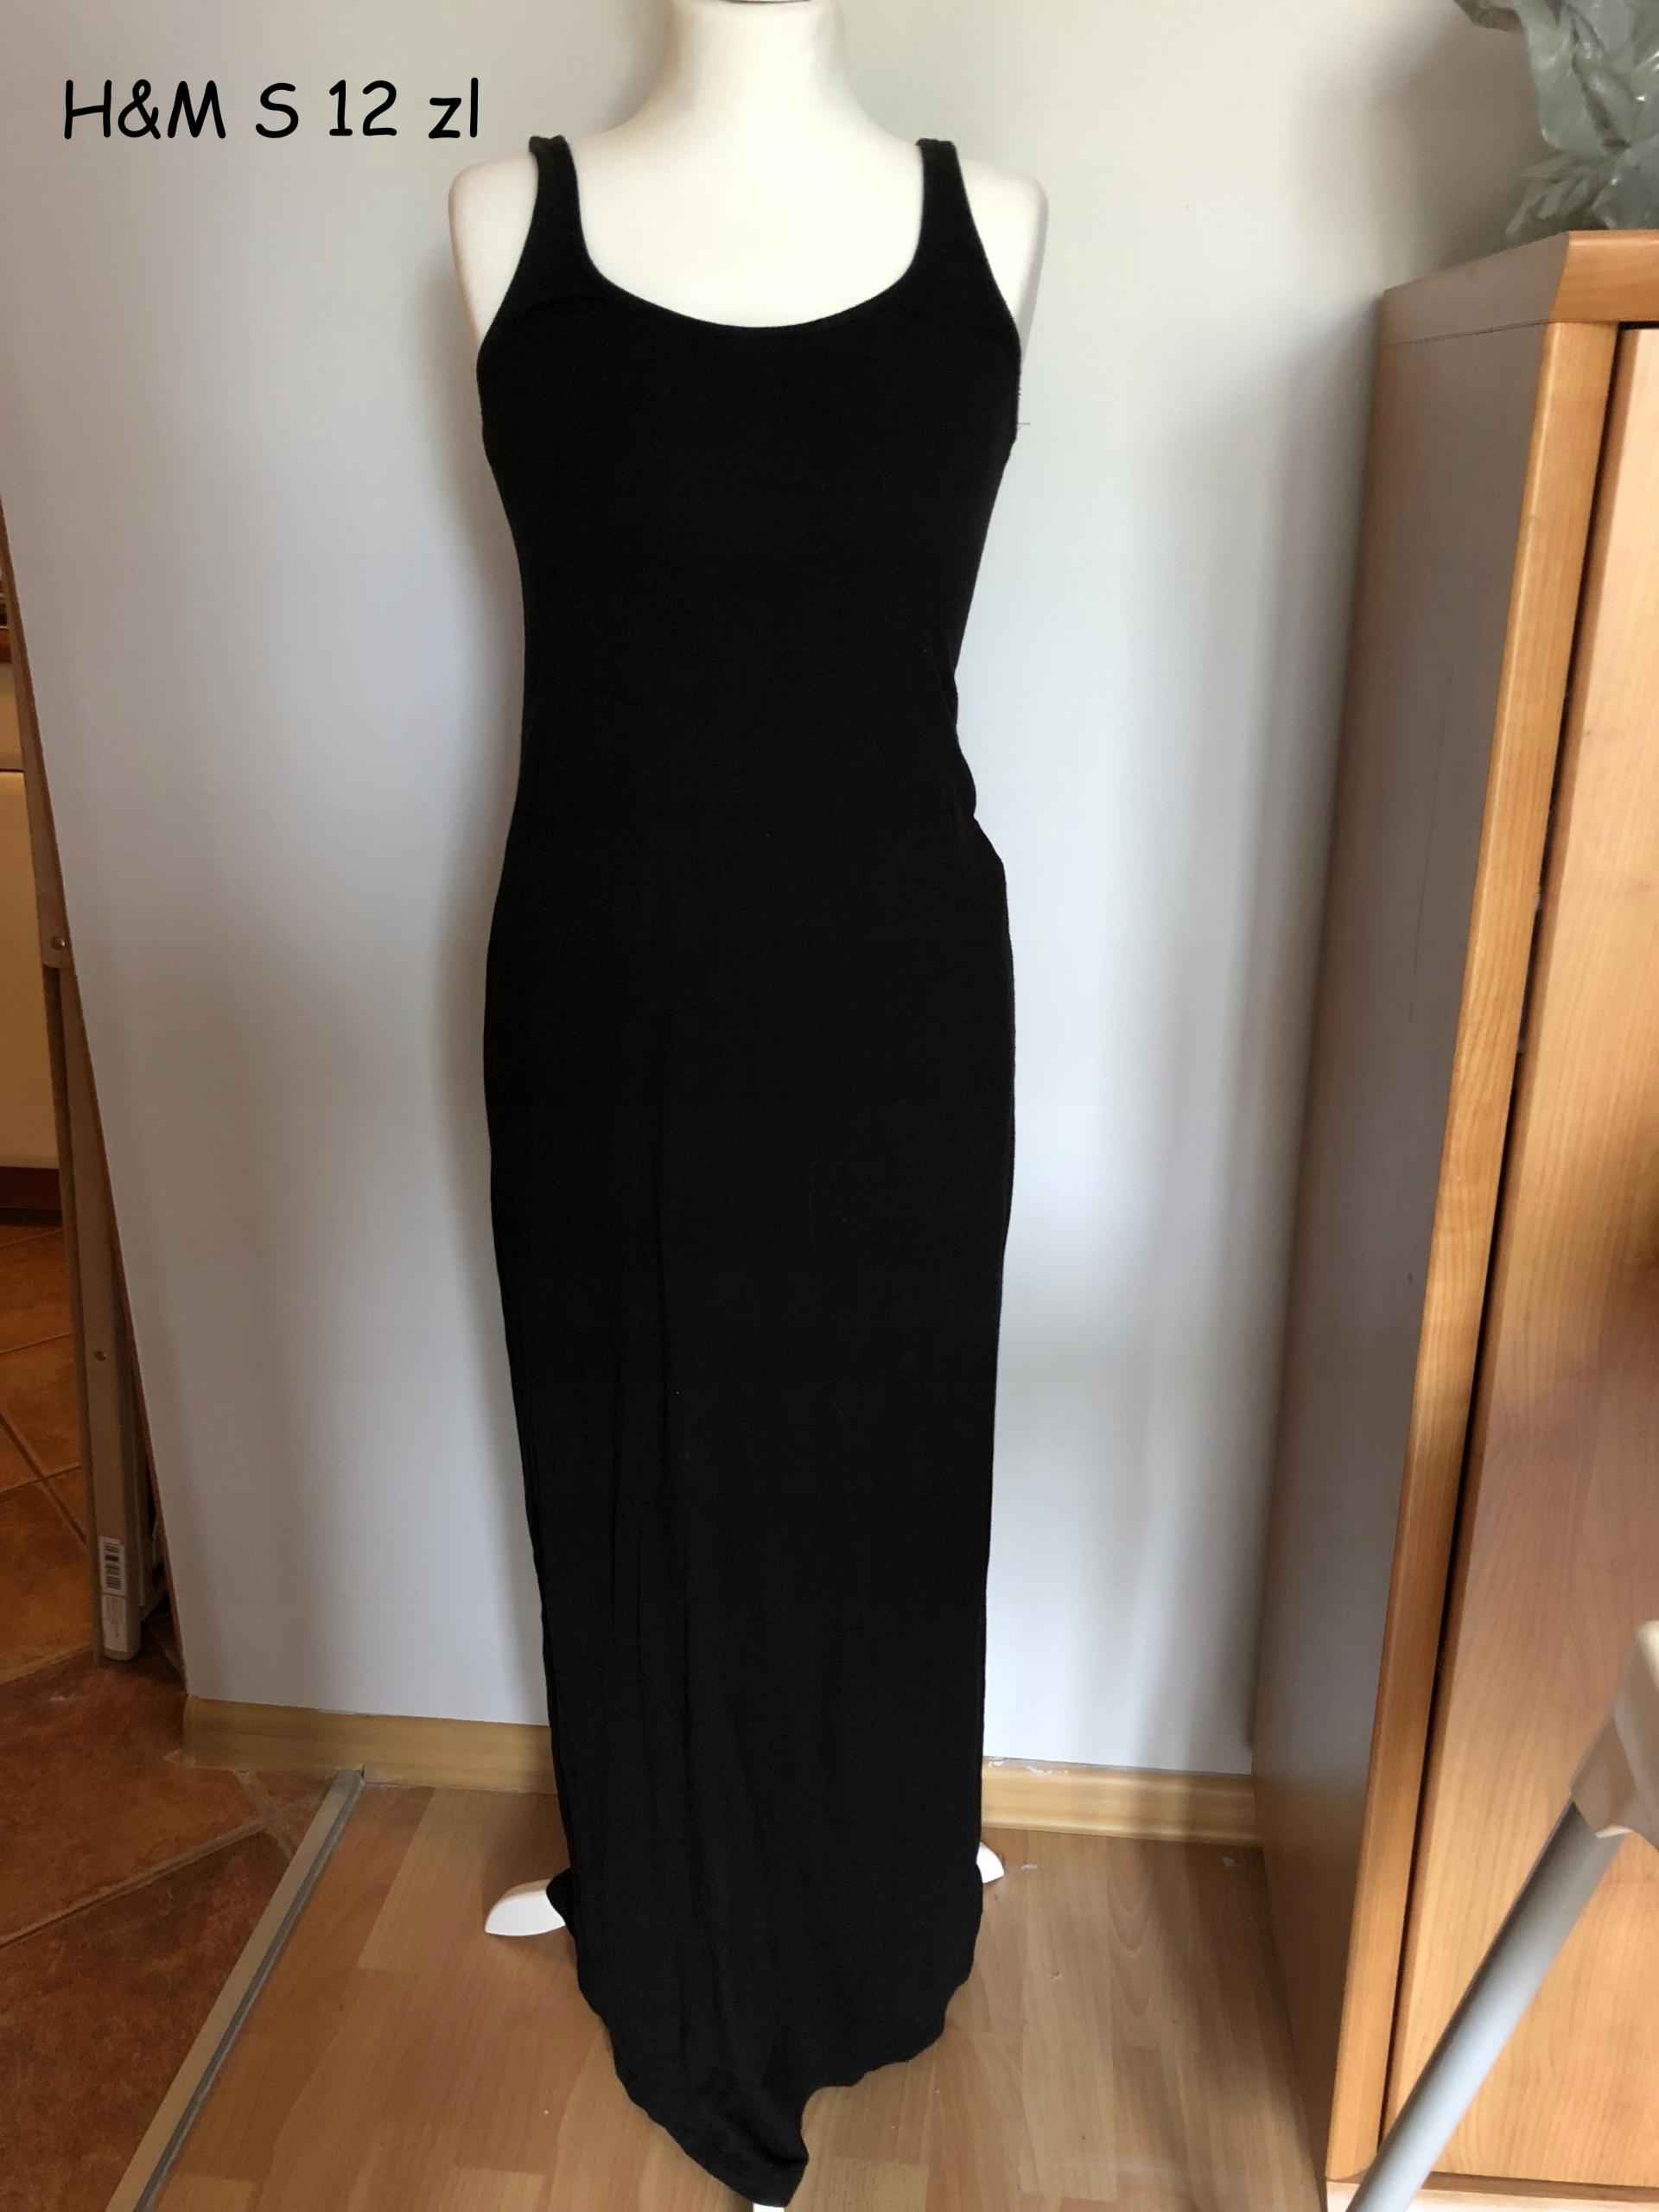 8e83f64d87 H M sukienka czarna maxi długa rozmiar S - 7477930479 - oficjalne ...